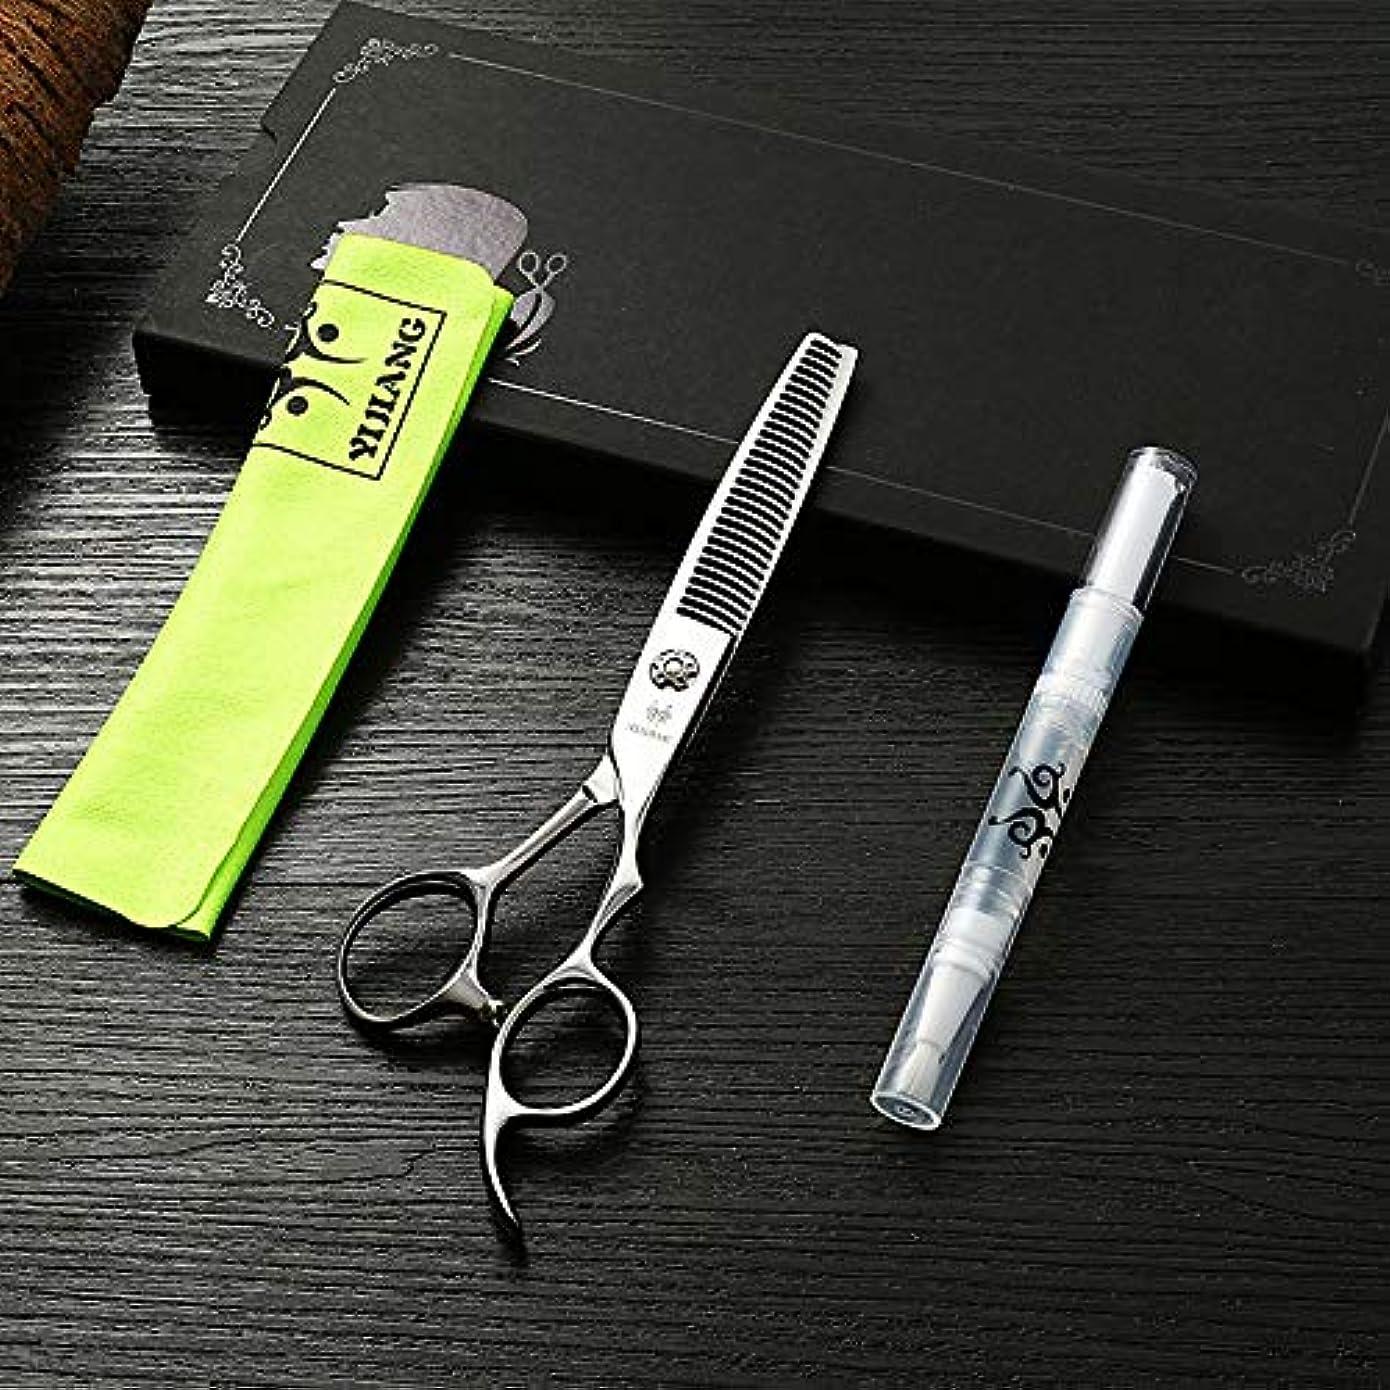 回答脅威生物学ハイエンドのヘアスタイリスト440 C特別な髪のはさみ、6インチ散髪はさみ ヘアケア (色 : Silver)